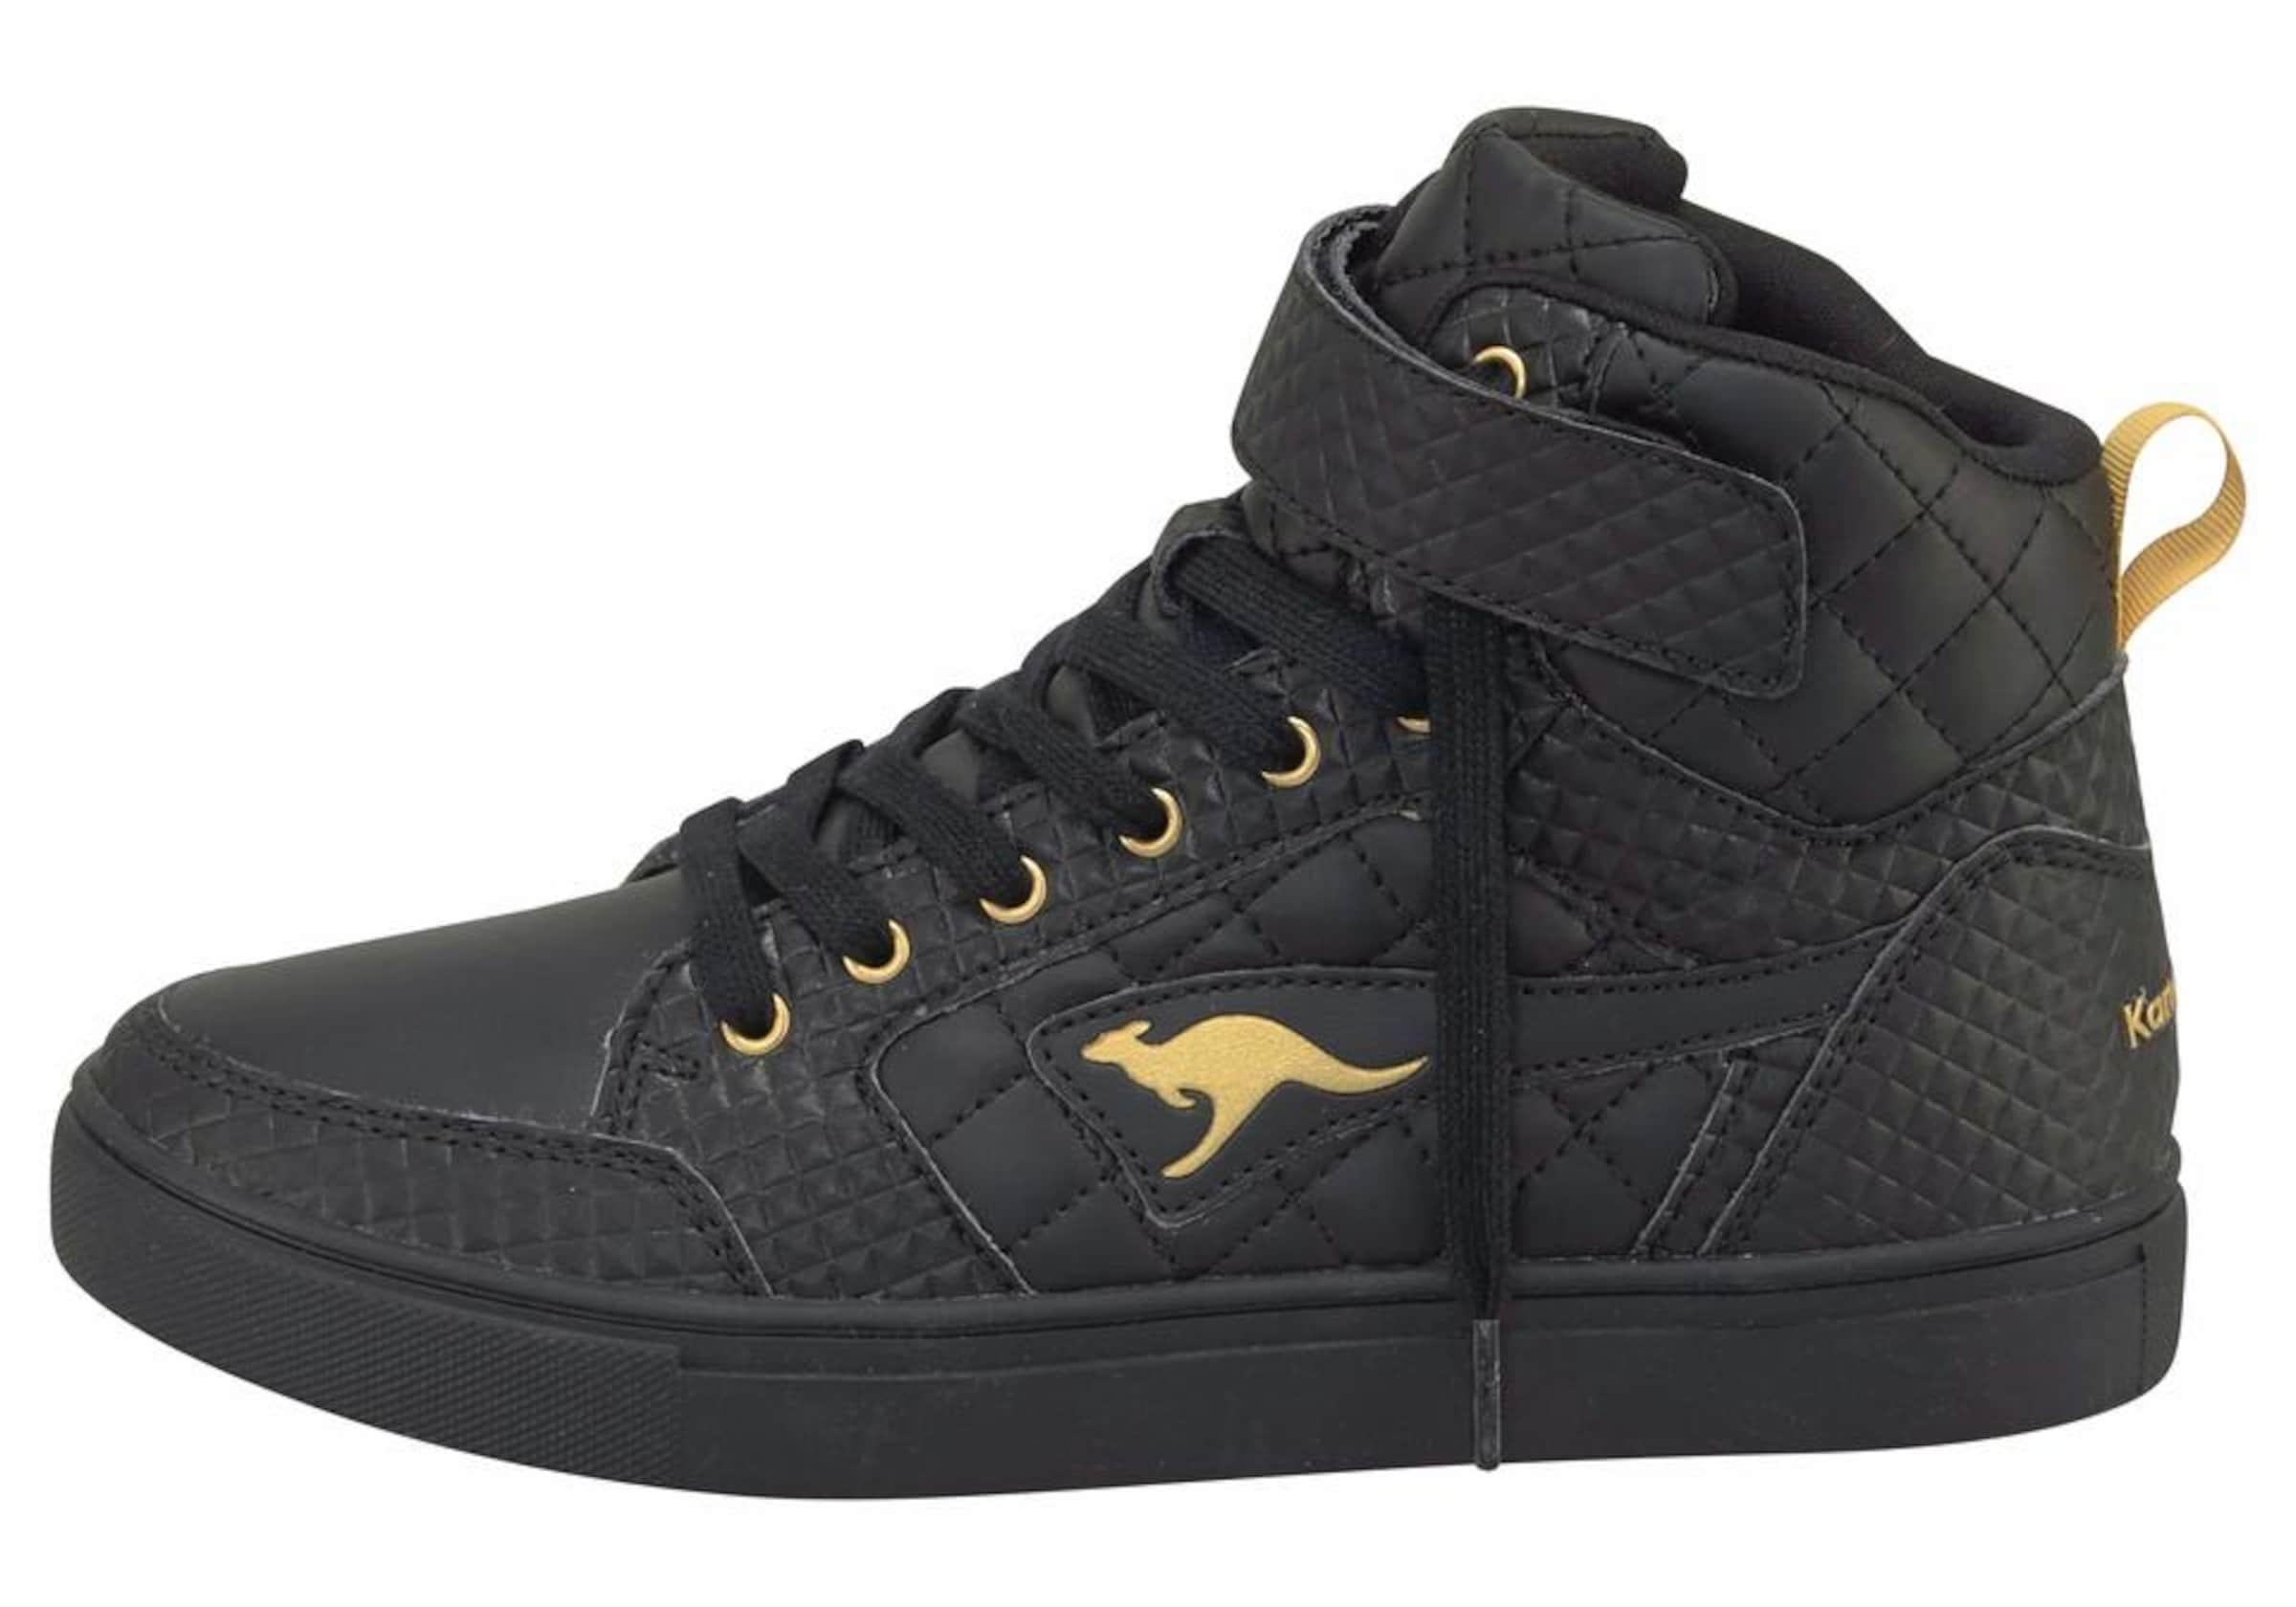 KangaROOS Sneaker 'Prisma' Freies Verschiffen Günstigsten Preis Angebot Große Überraschung Zu Verkaufen Manchester Amazon Verkauf Online JJoocbJy